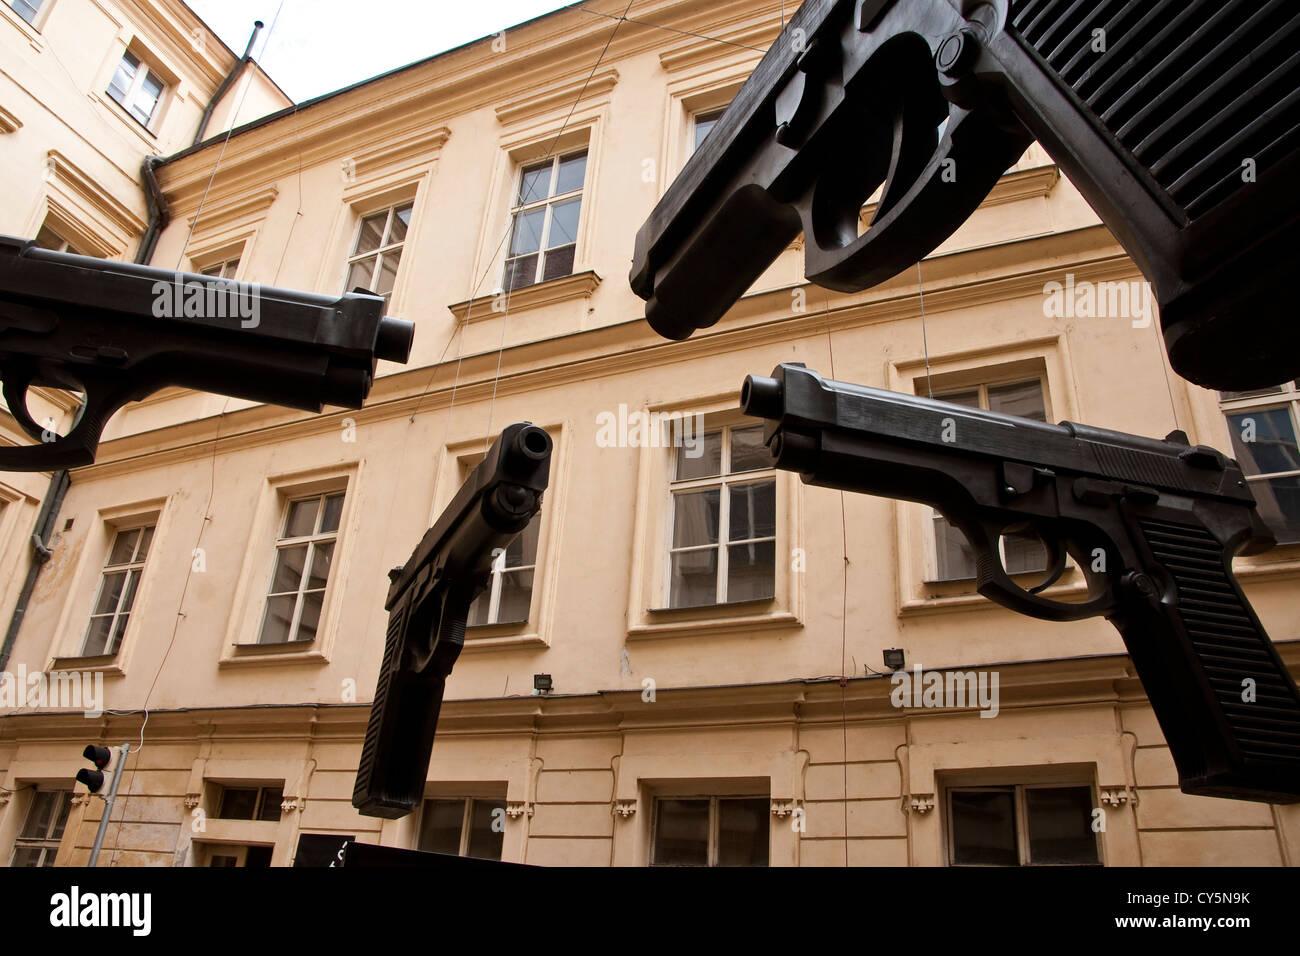 Statua di pistole da artista David Cerny a Praga Artbanka del museo di arte giovane in Stare Mesto Immagini Stock